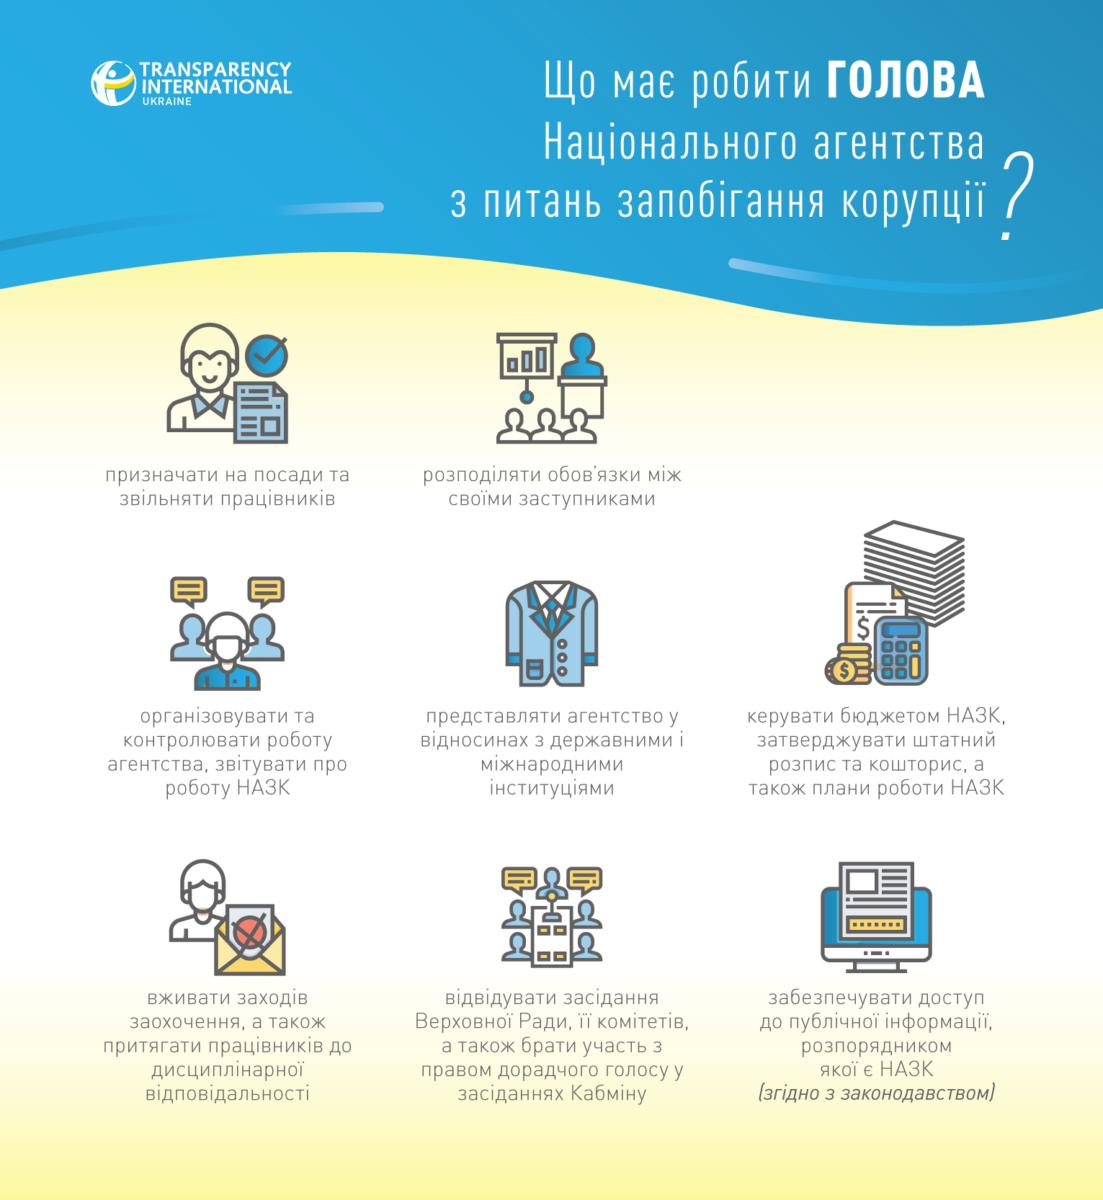 Перезапуск НАПК предусматривает расширение полномочий руководителя ведомства. Графика: ti-ukraine.org